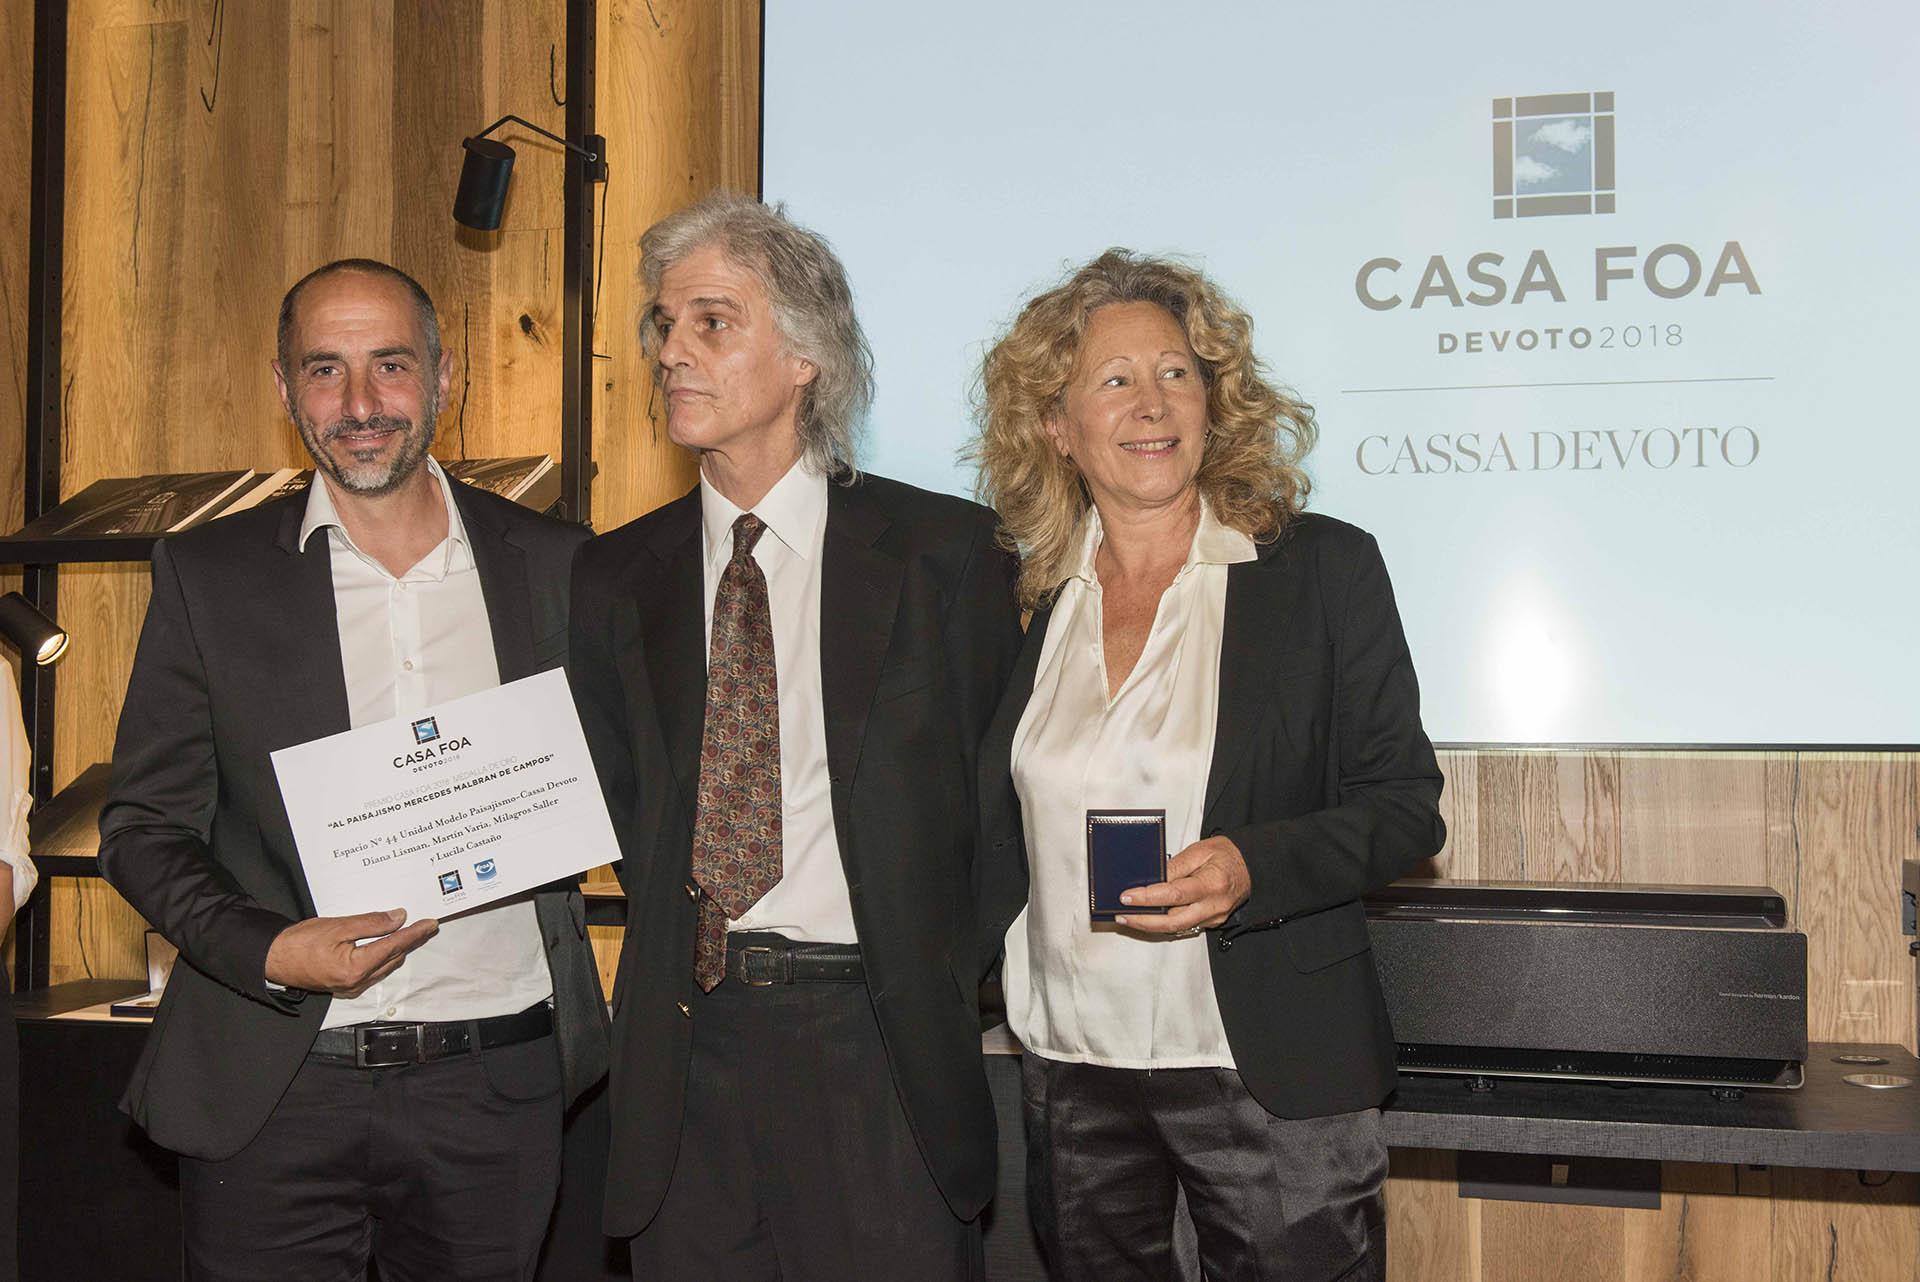 Enrique Malbran junto a los ganadores de la medalla de oro al paisajismo, Martín Varia y Diana Lisman